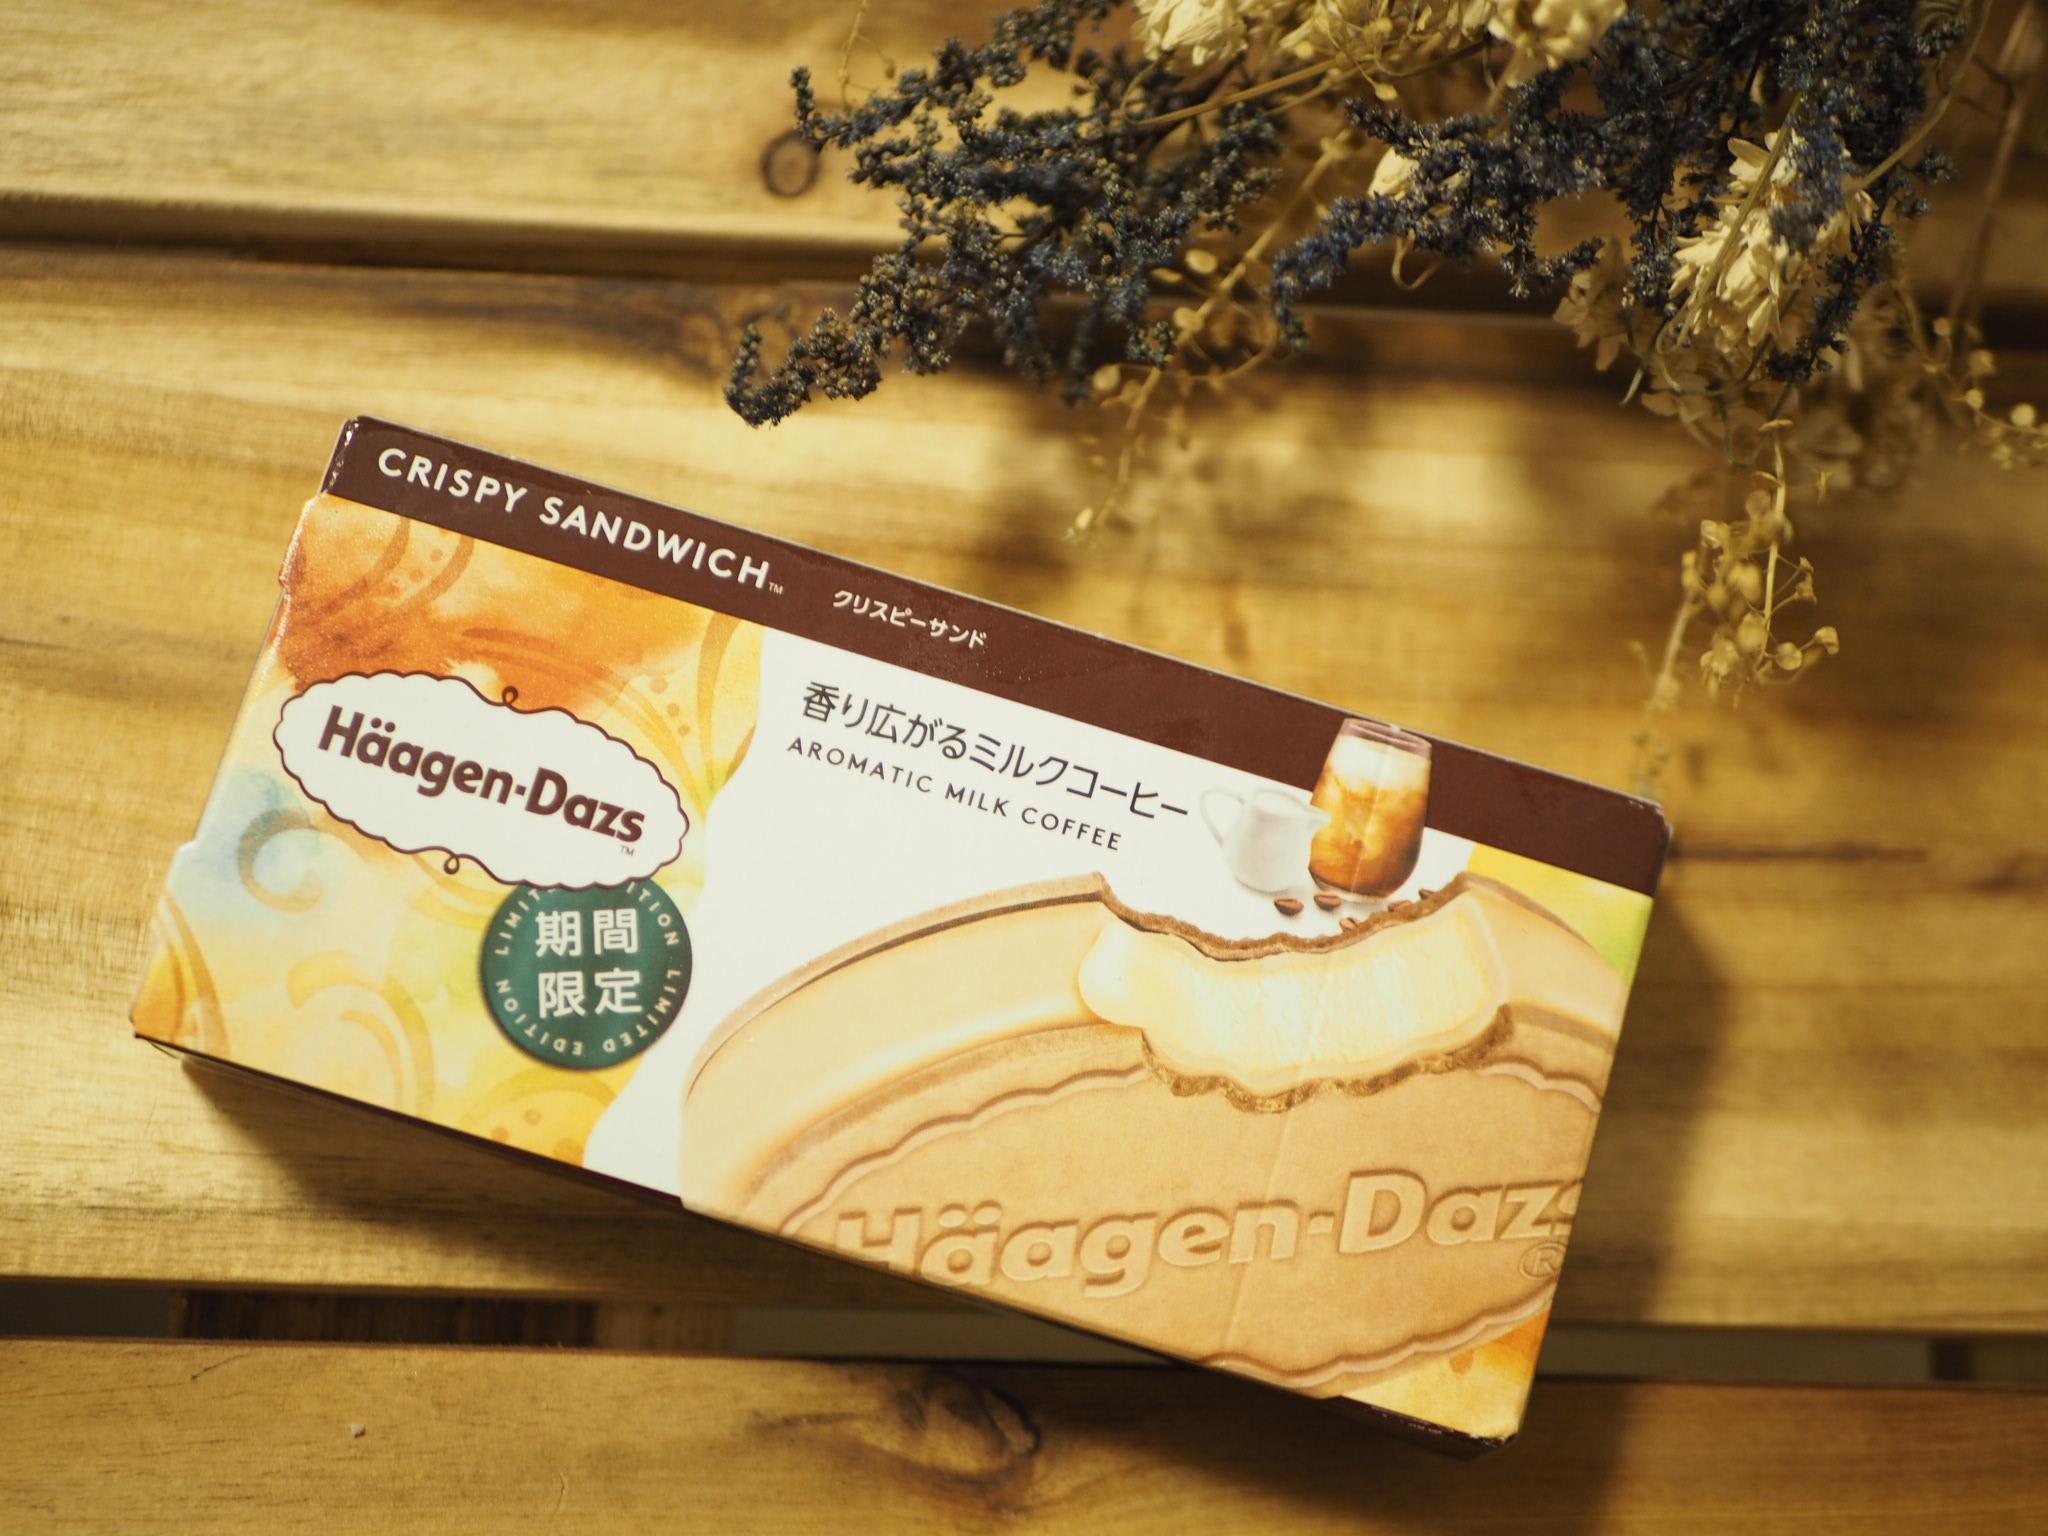 【ハーゲンダッツ新作】クリスピーサンドから《ミルクコーヒー》の新フレーバー❁*॰・_6